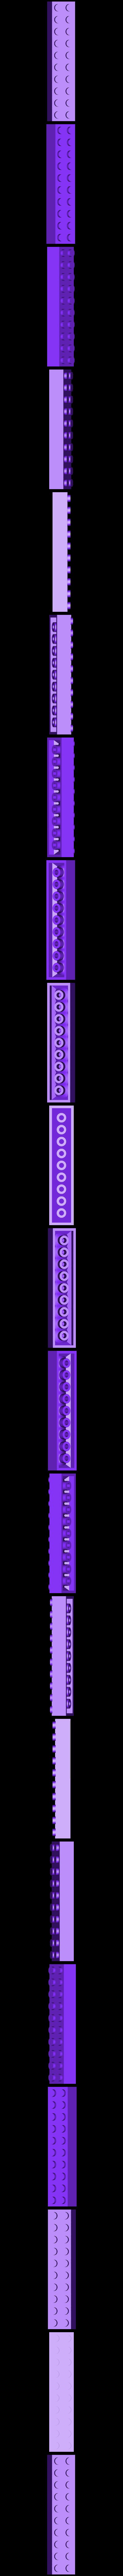 2x10brick_custom.STL Télécharger fichier STL gratuit Blocs de lettres multicolores Lego • Plan pour impression 3D, MosaicManufacturing